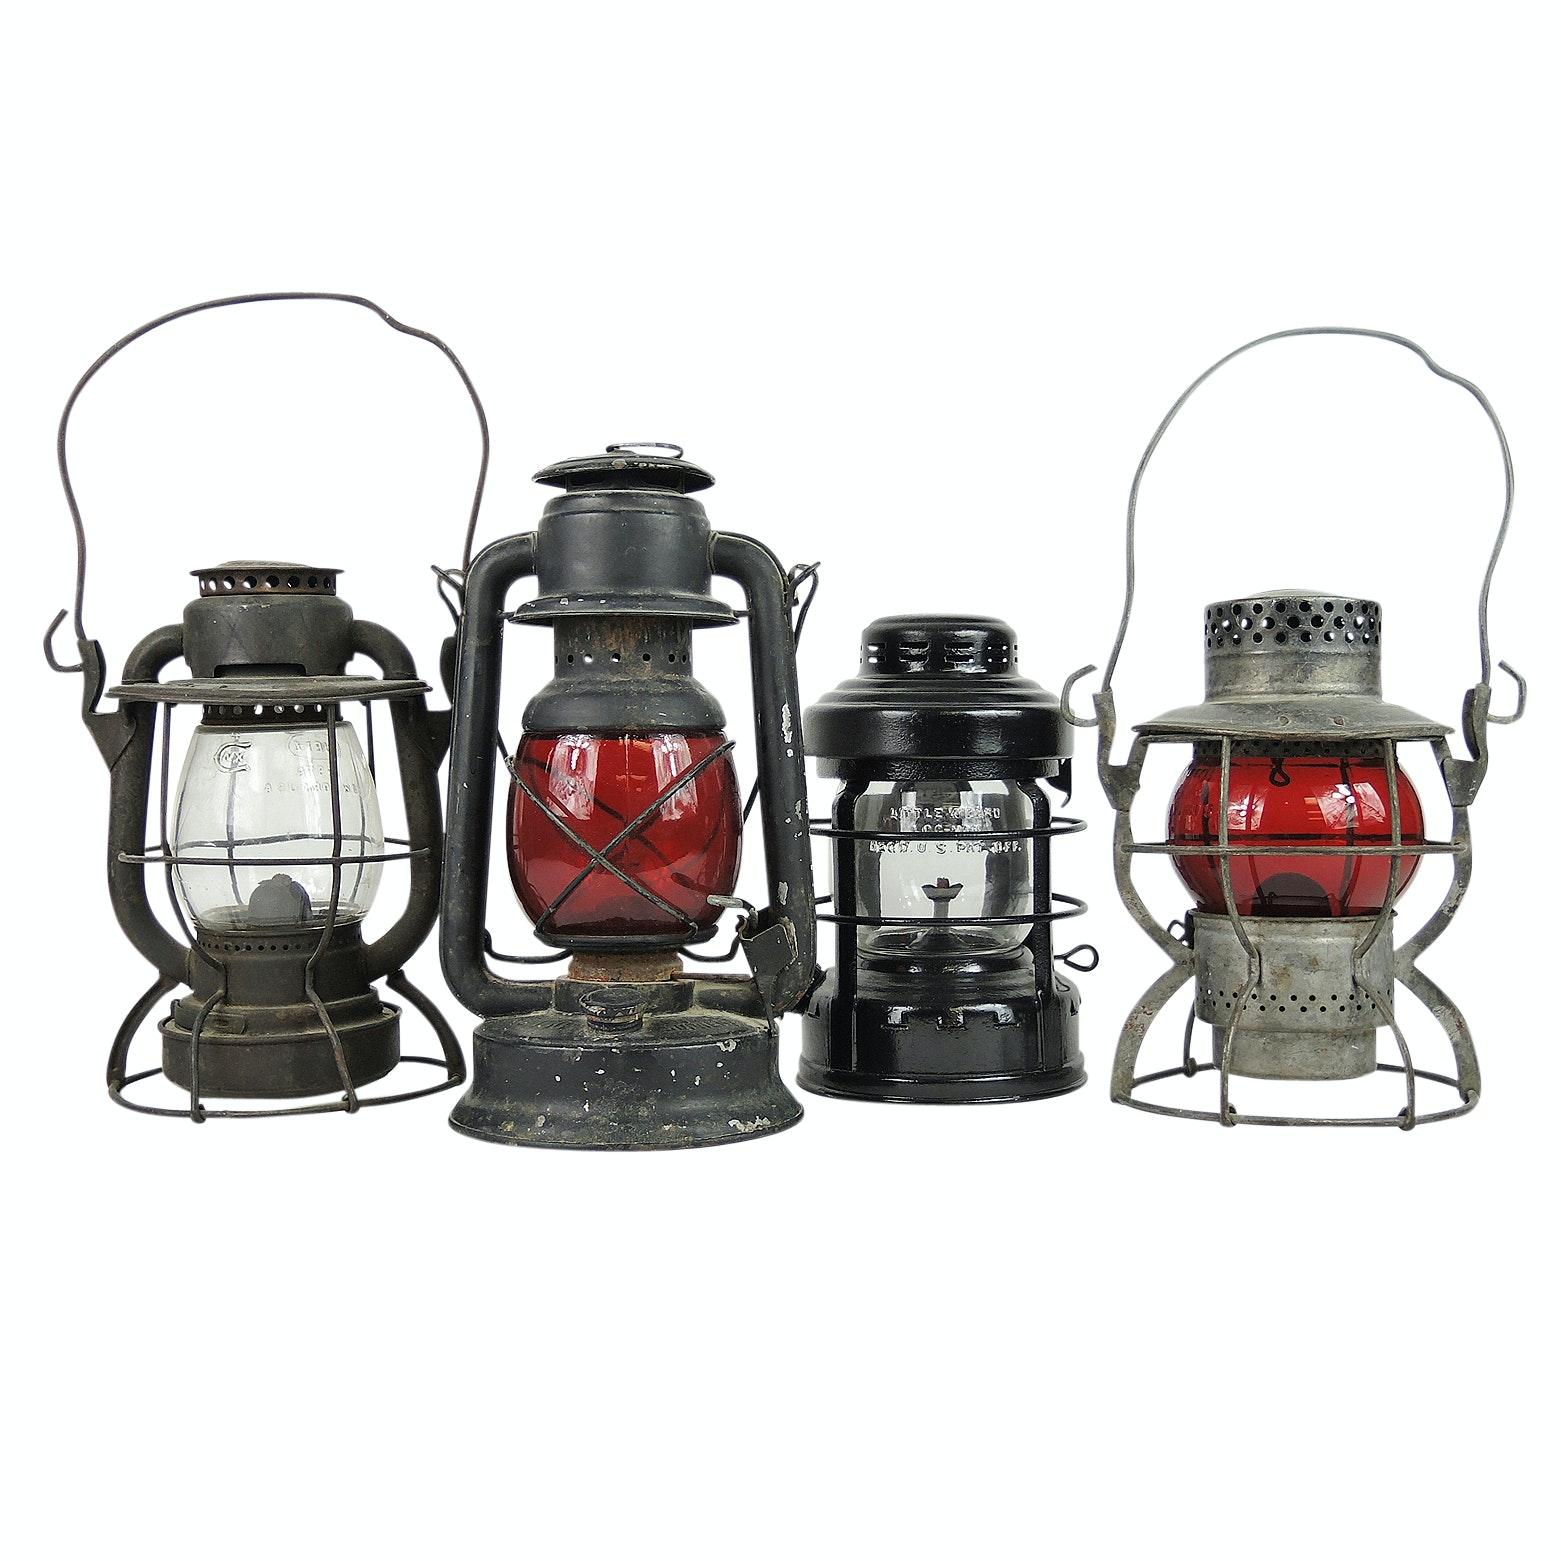 Vintage Dietz and Embury Mfg. Co. Railroad Lanterns